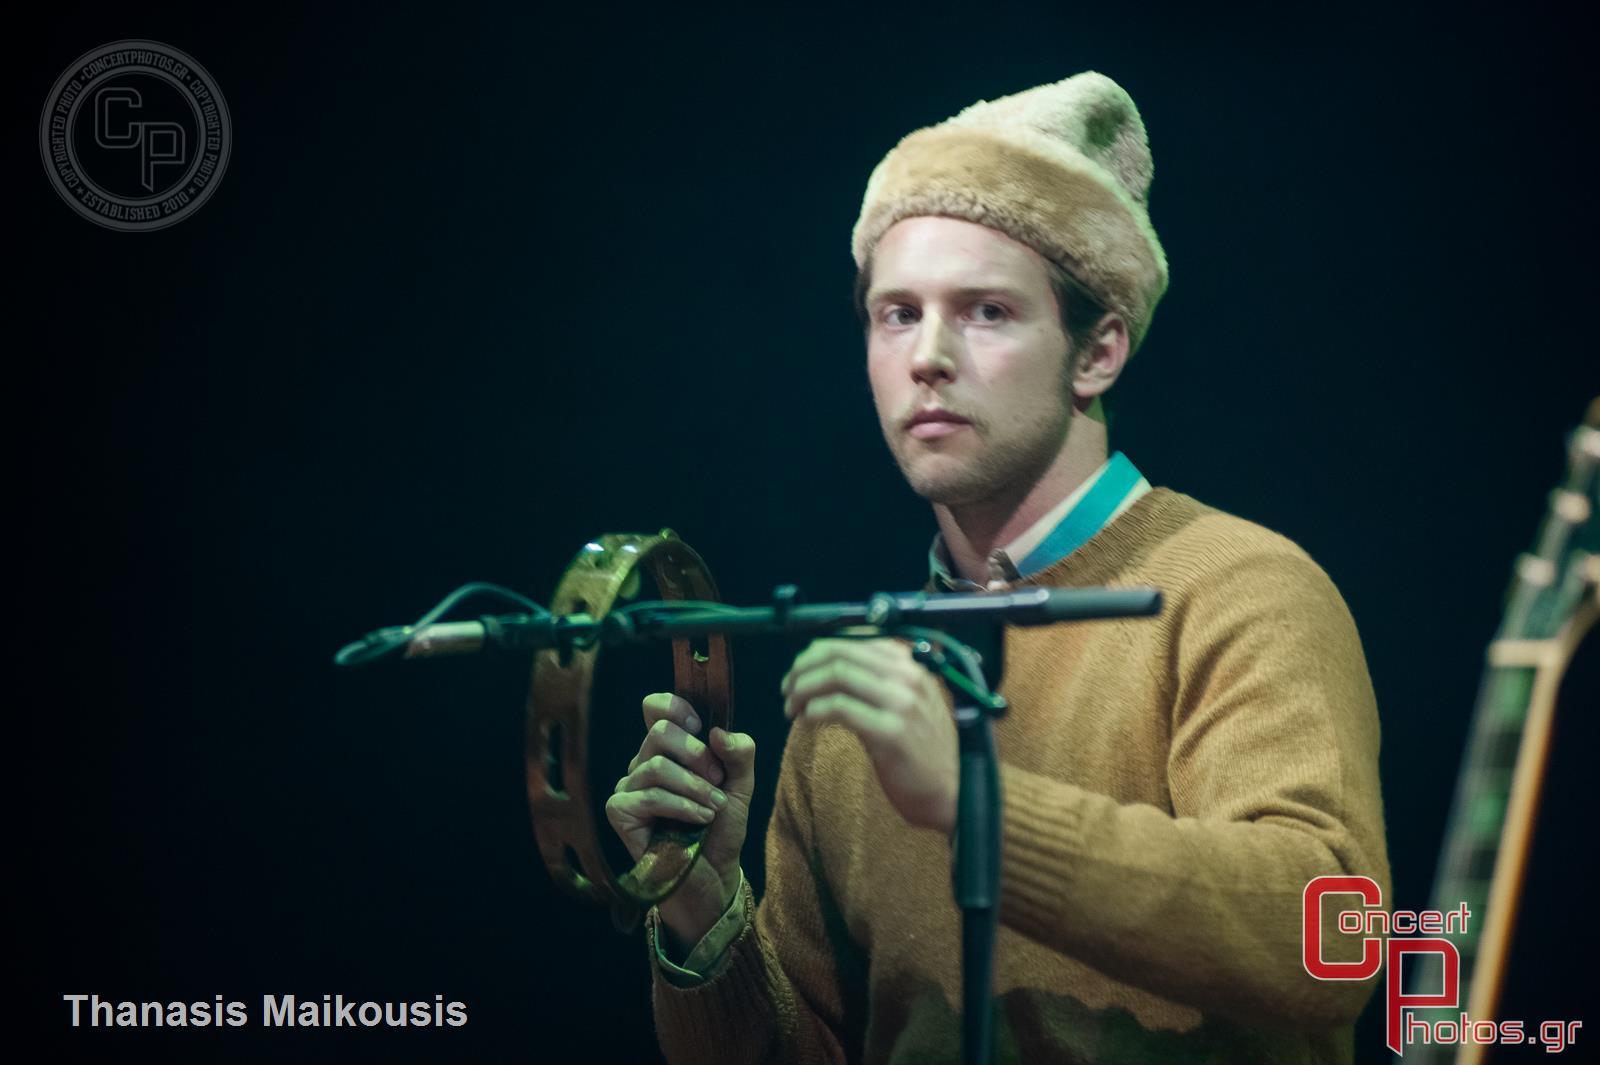 Allah Las & My Drunken Haze -Allah Las My Drunken Haze  photographer: Thanasis Maikousis - ConcertPhotos - 20141102_0029_54